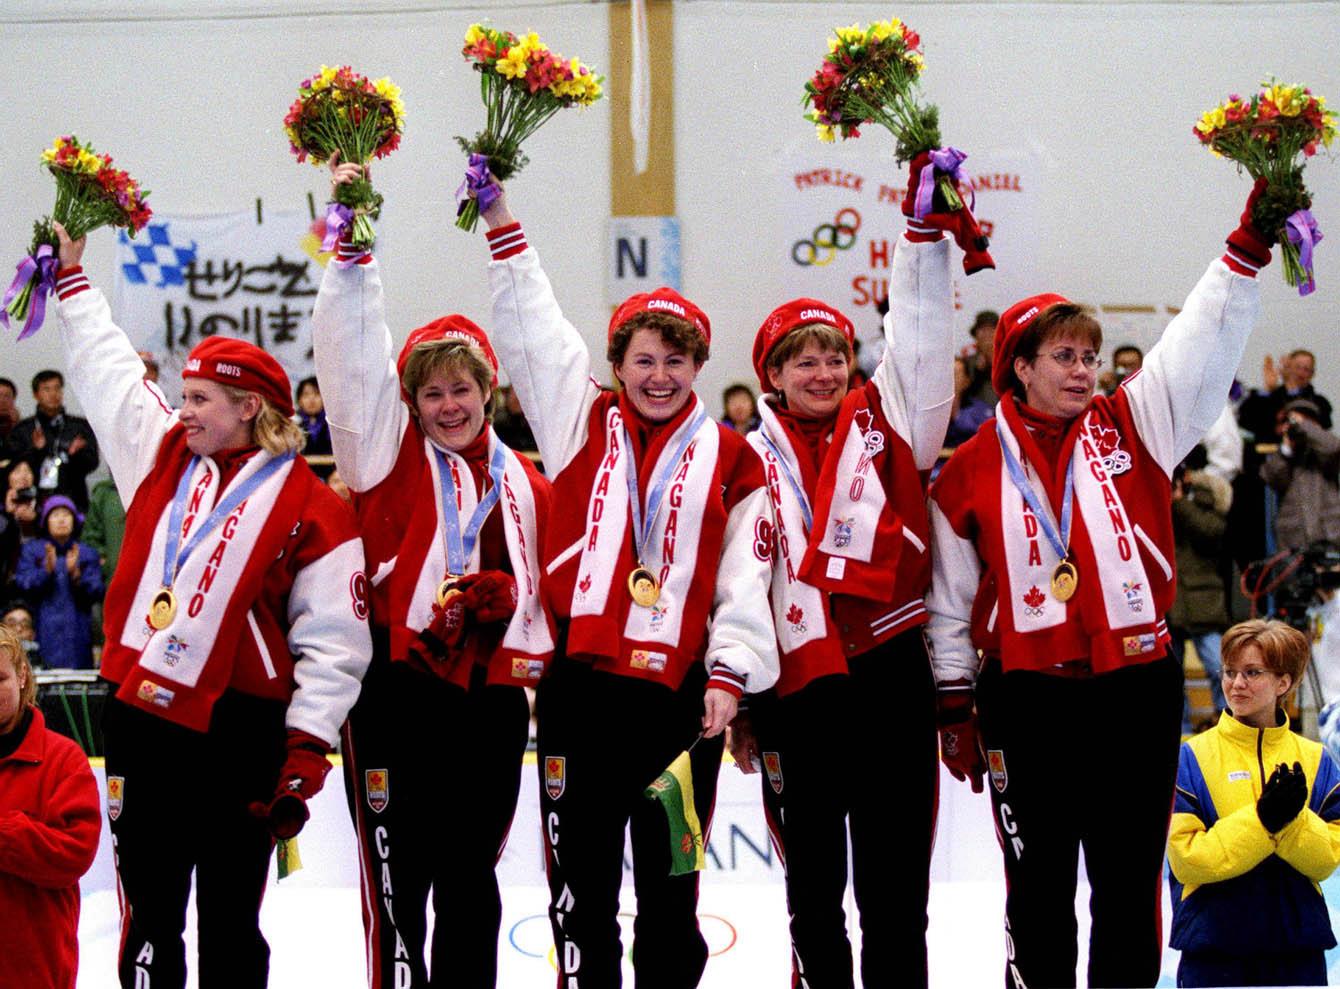 Des athlètes sur le podium avec des bouquets de fleurs